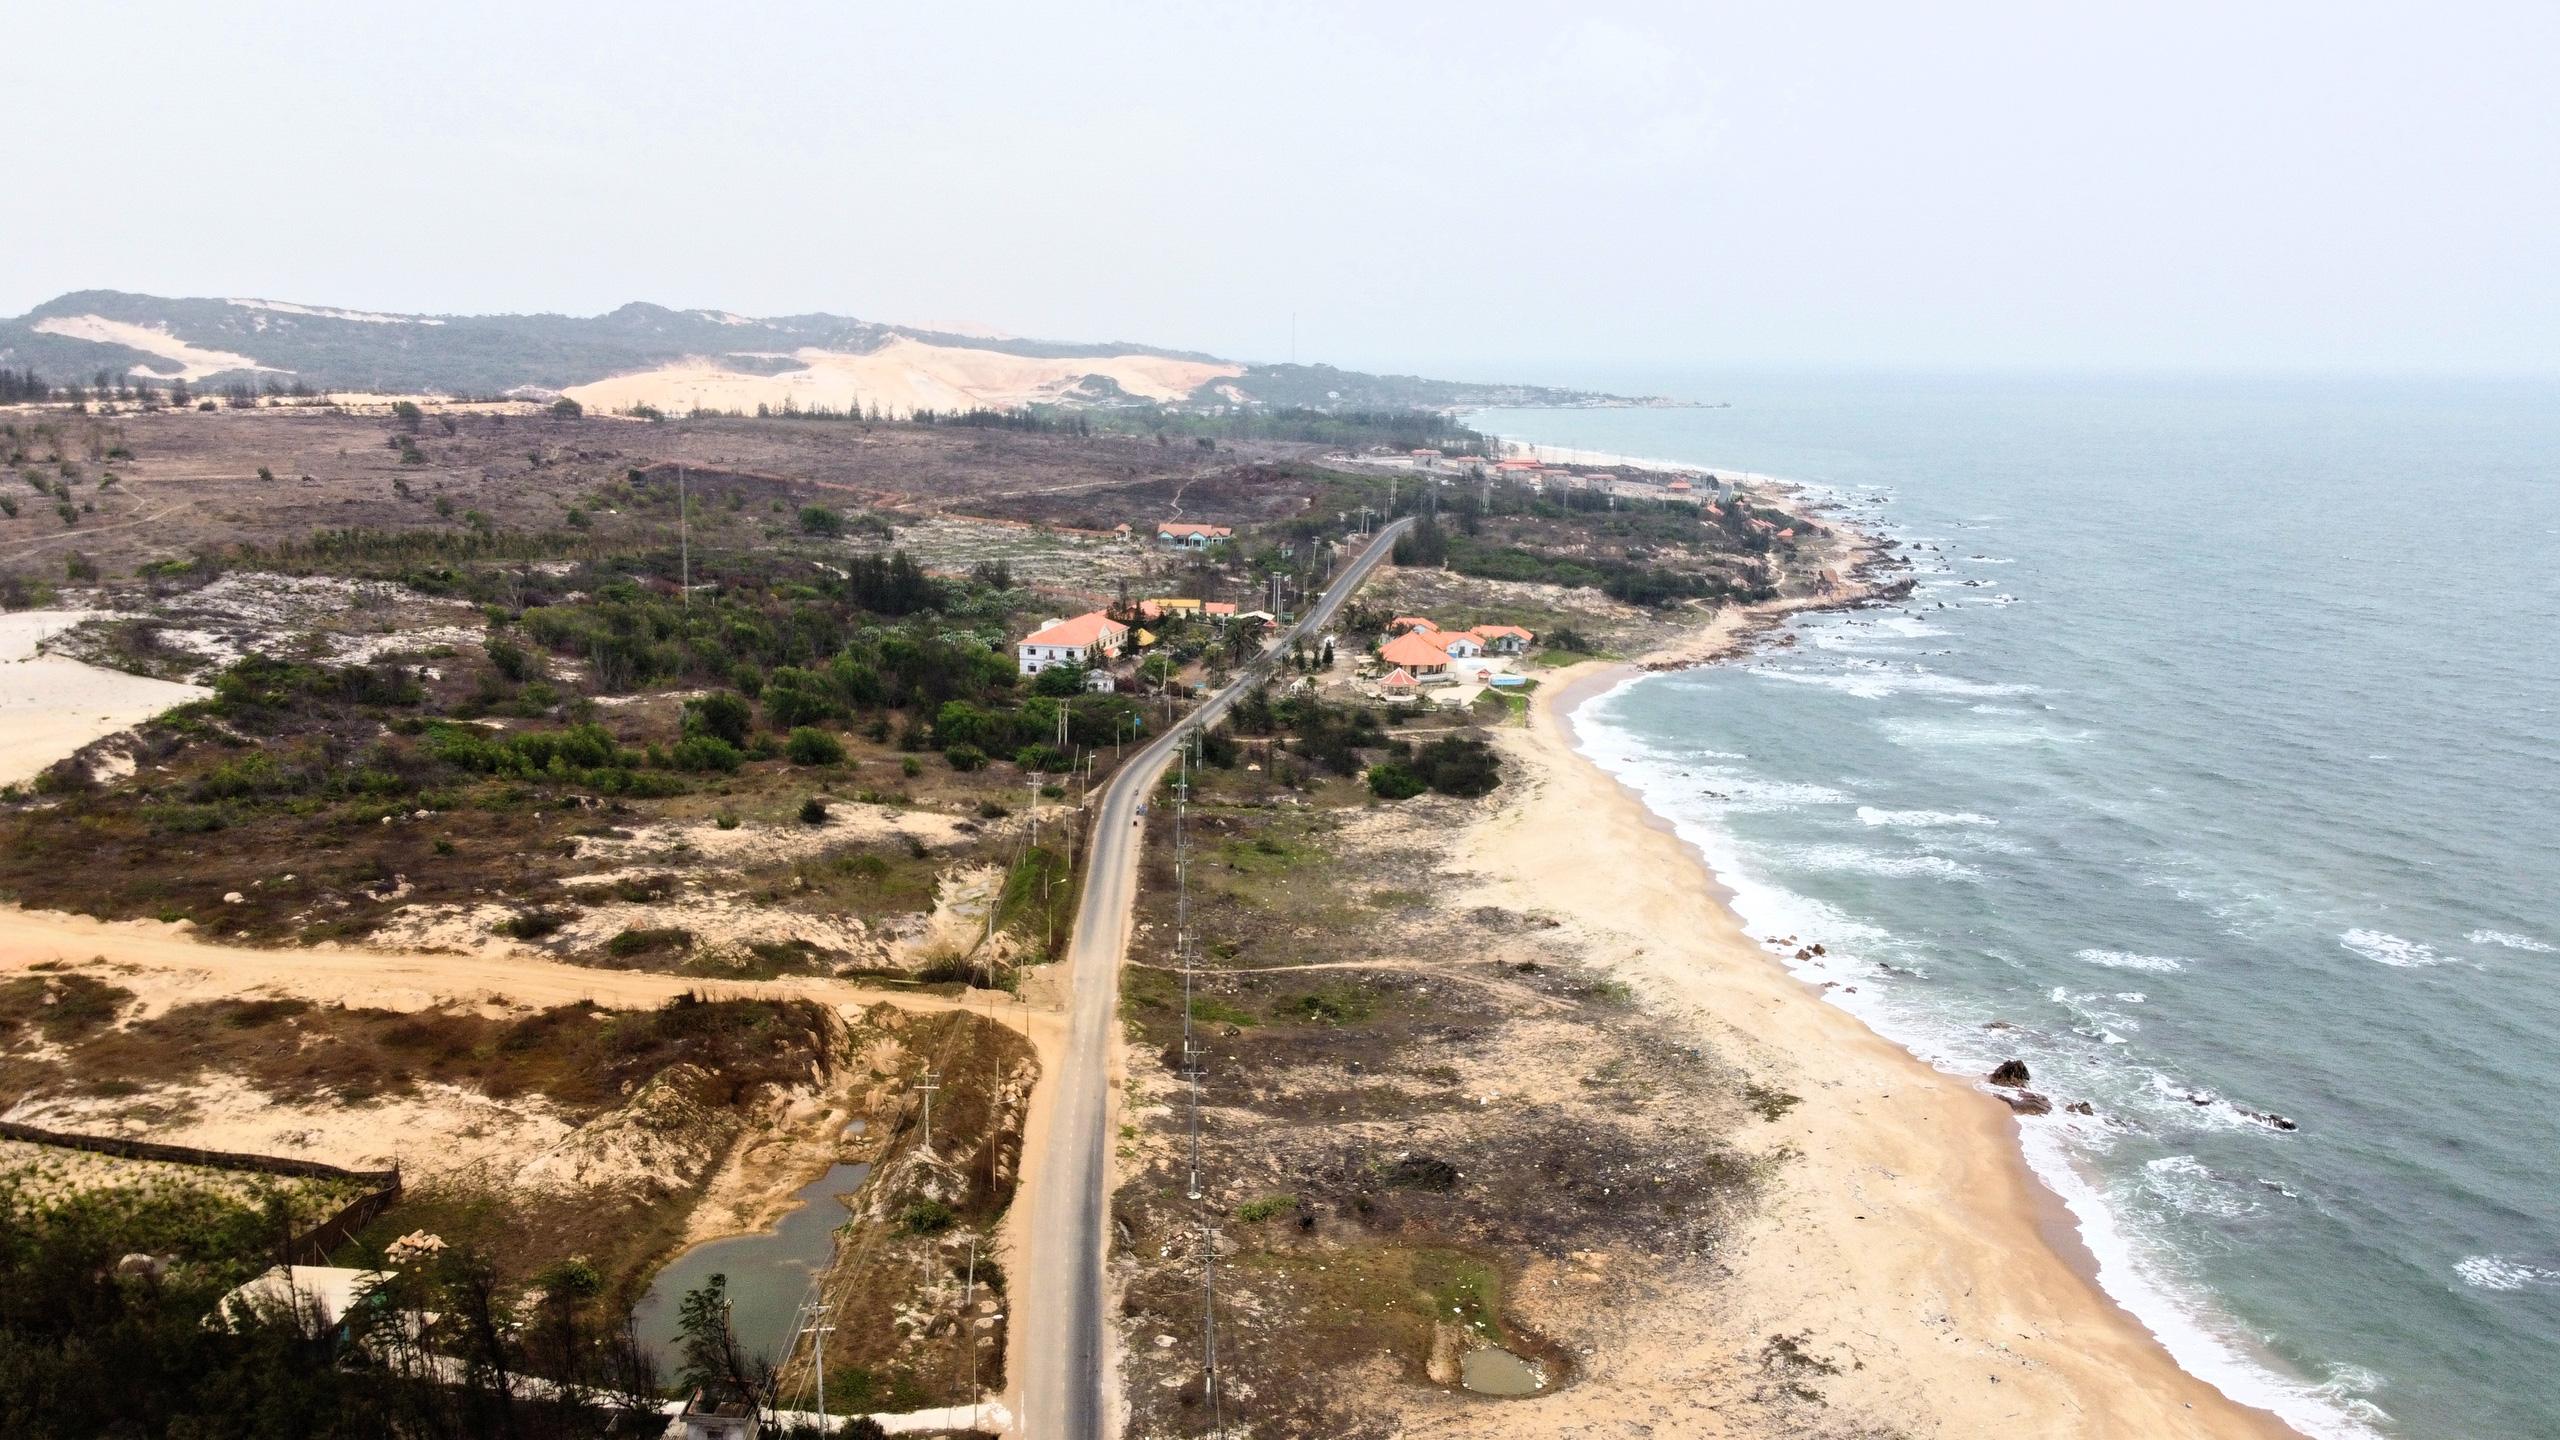 Cận cảnh tuyến đường ven biển ĐT.719 đoạn Phan Thiết - Kê Gà - Ảnh 1.